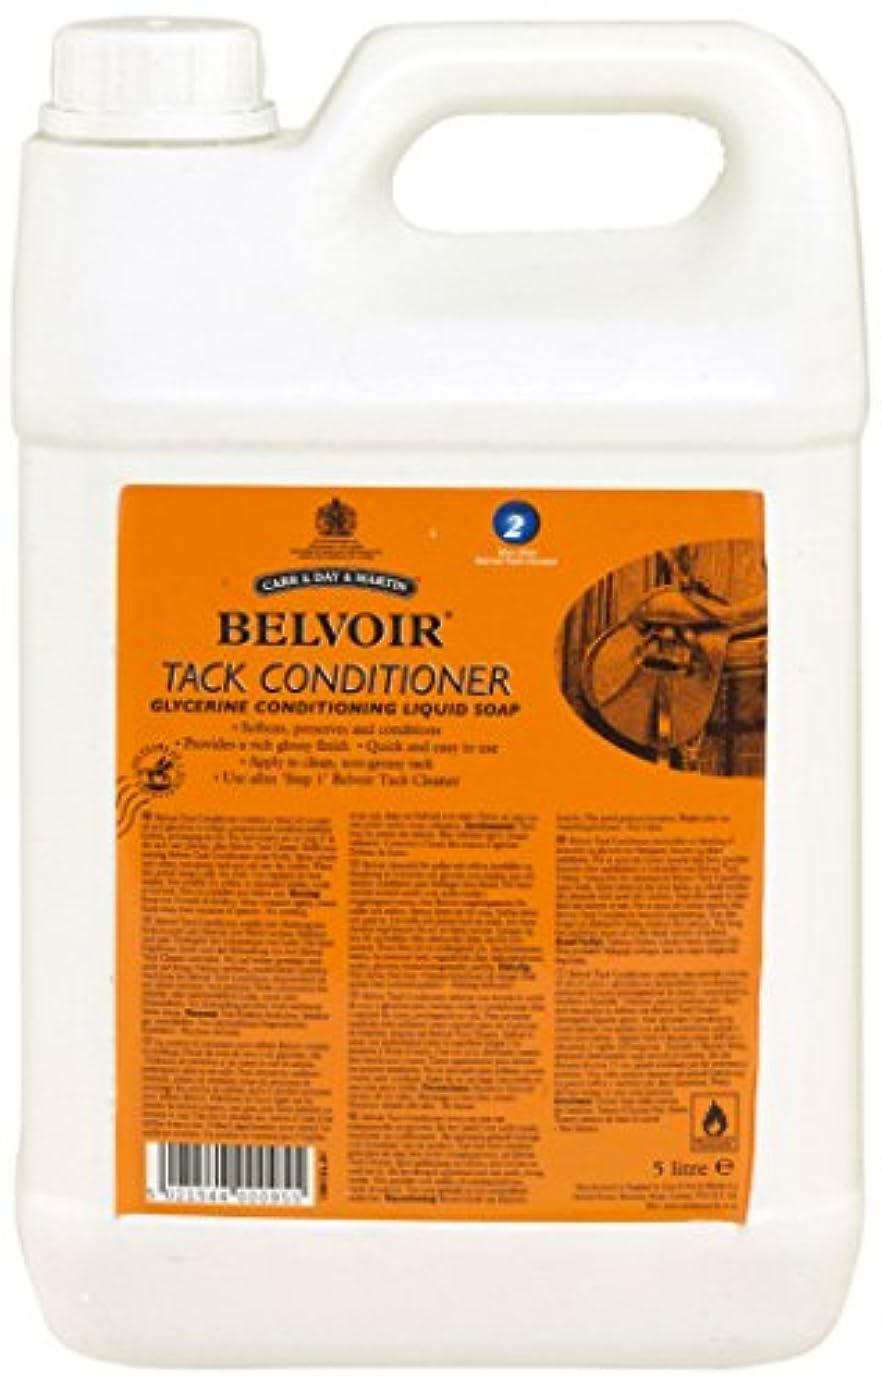 国勢調査殺します慎重Carr & Day & Martin Belvoir Tack Conditioner ( 5l )